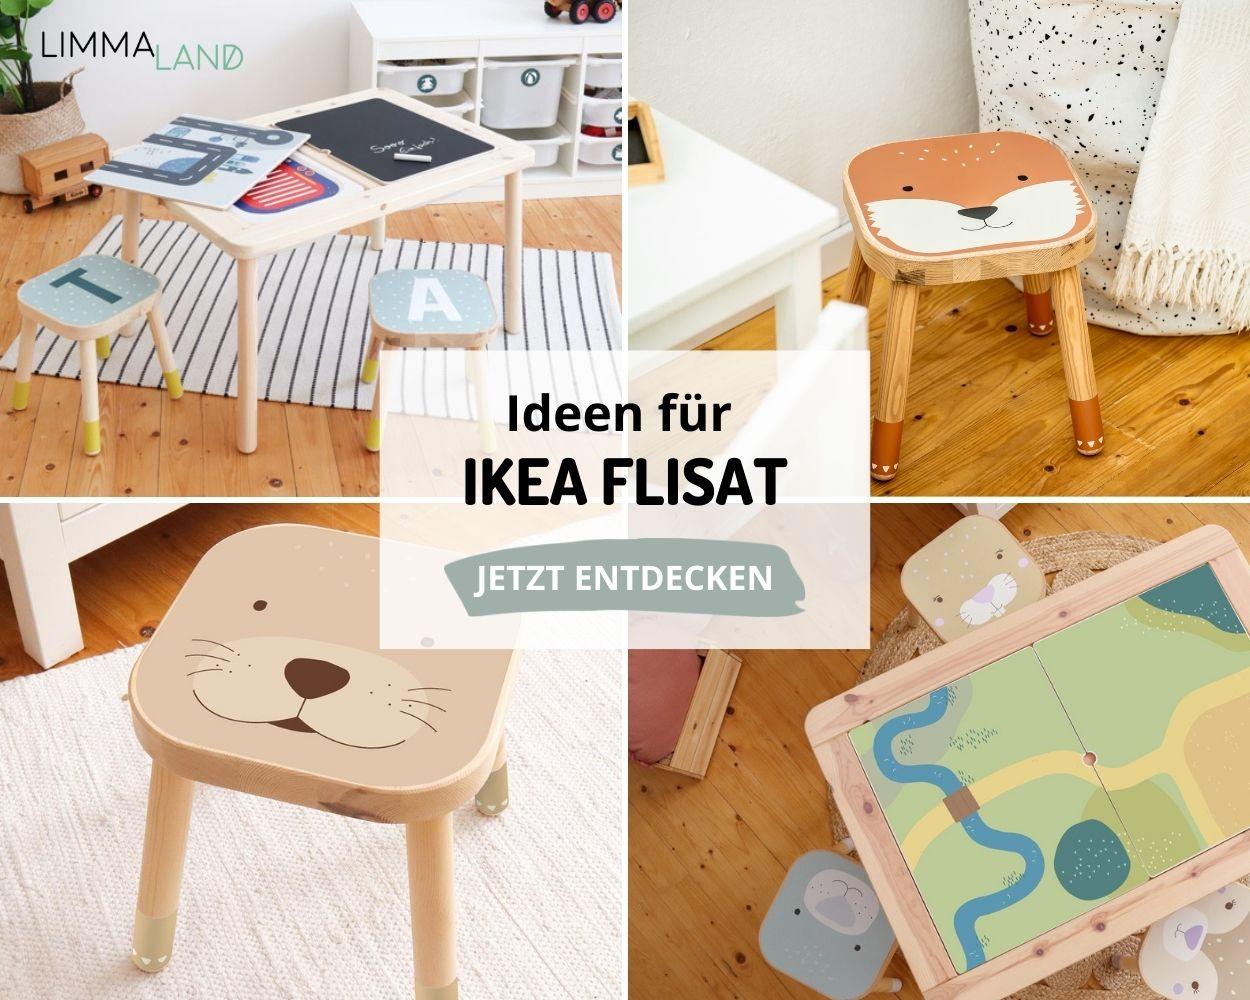 ikea-flisat-hacks-kindertisch-und-hocker